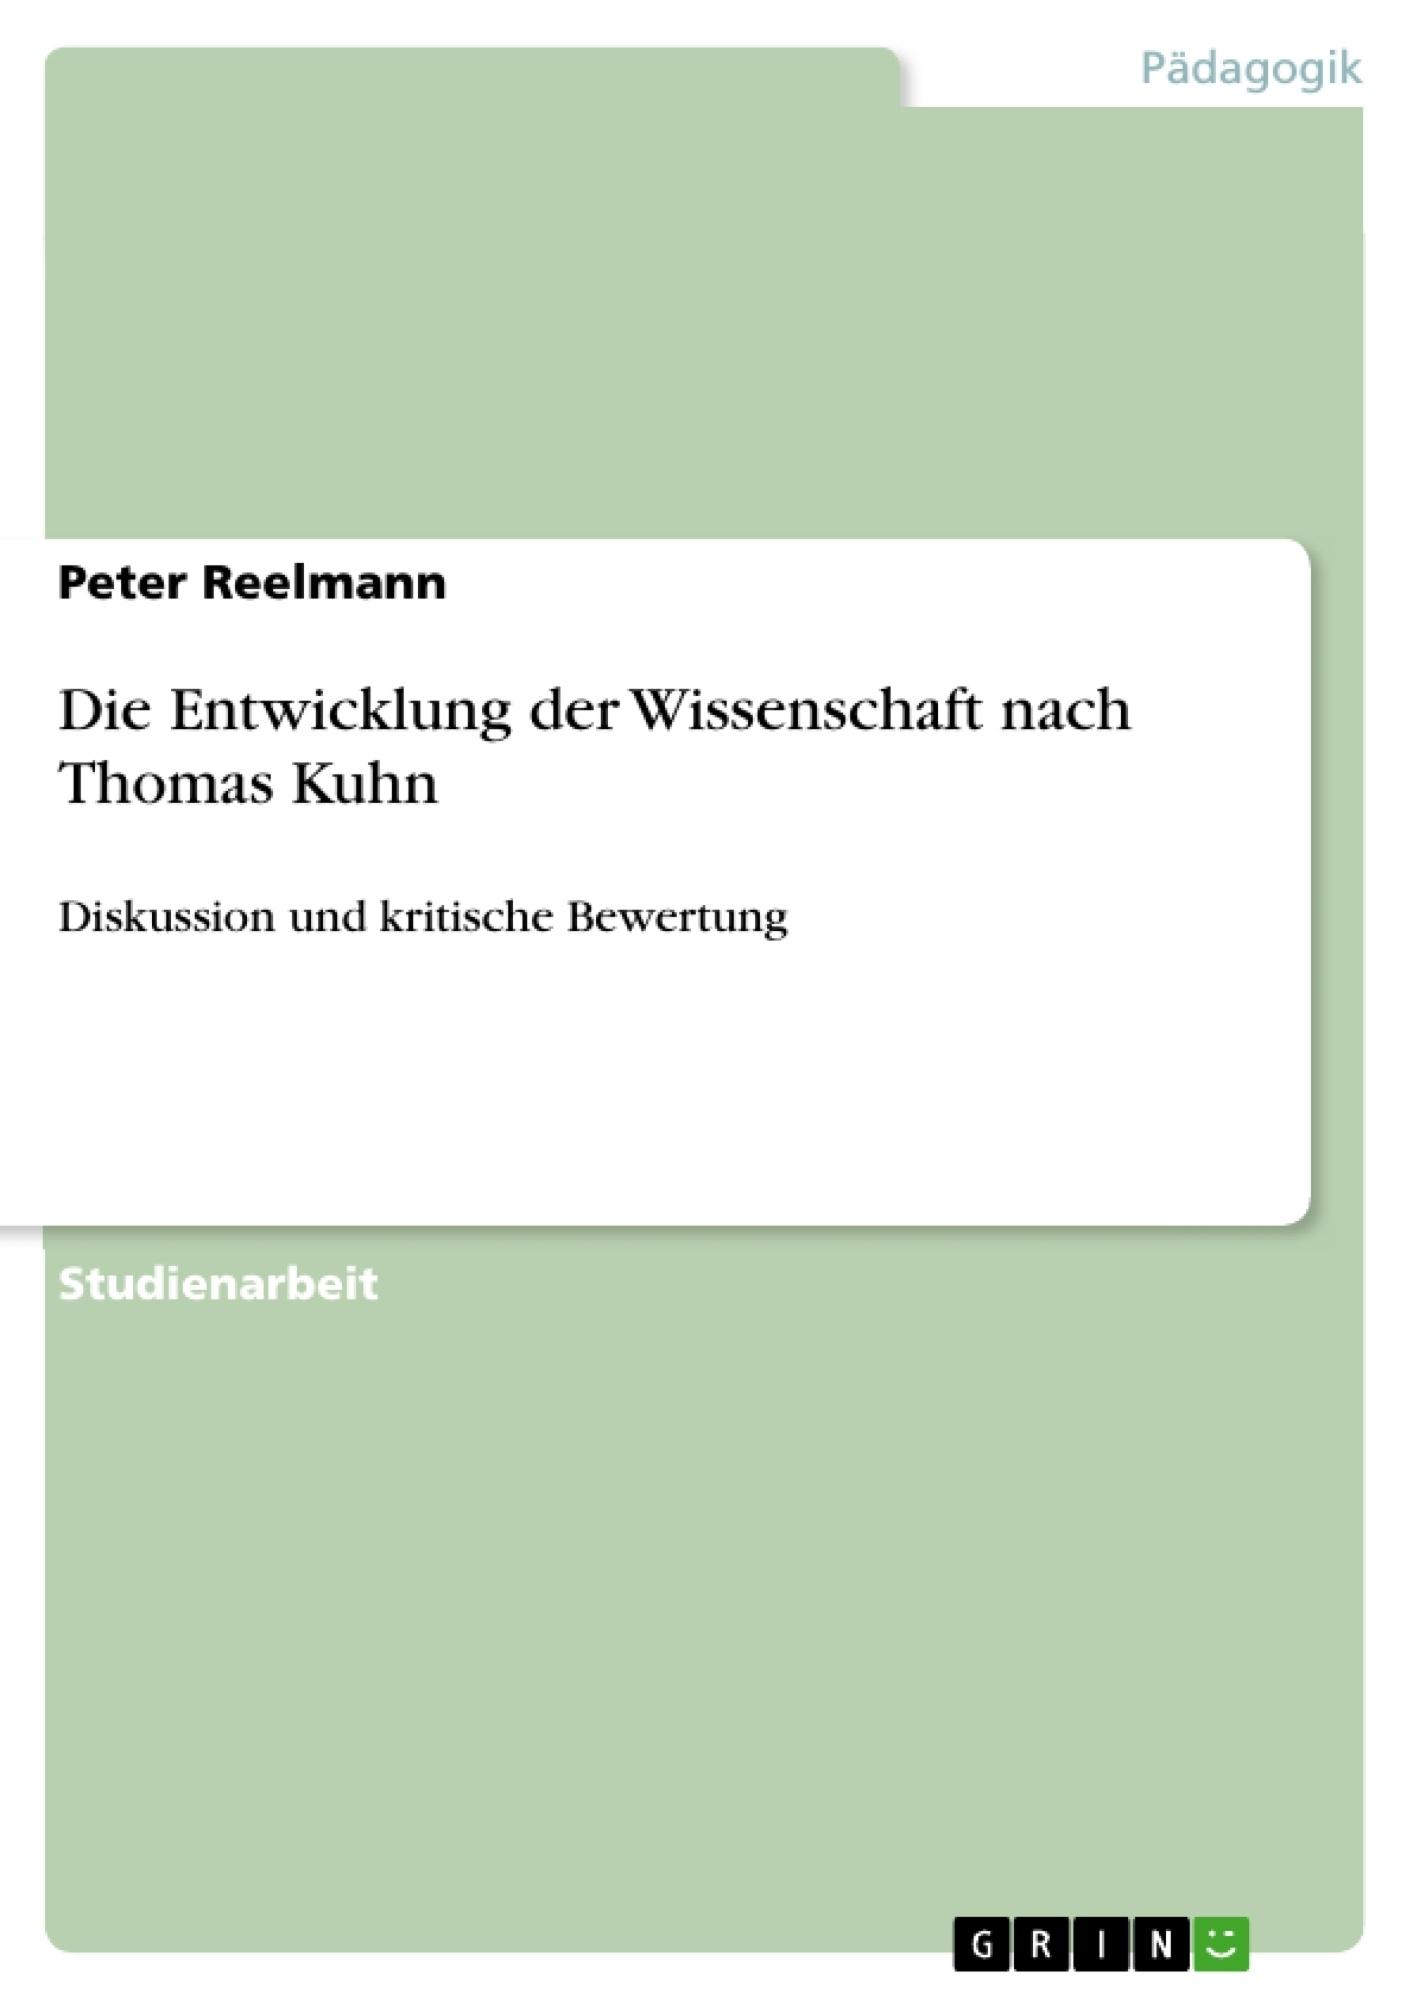 Titel: Die Entwicklung der Wissenschaft nach Thomas Kuhn